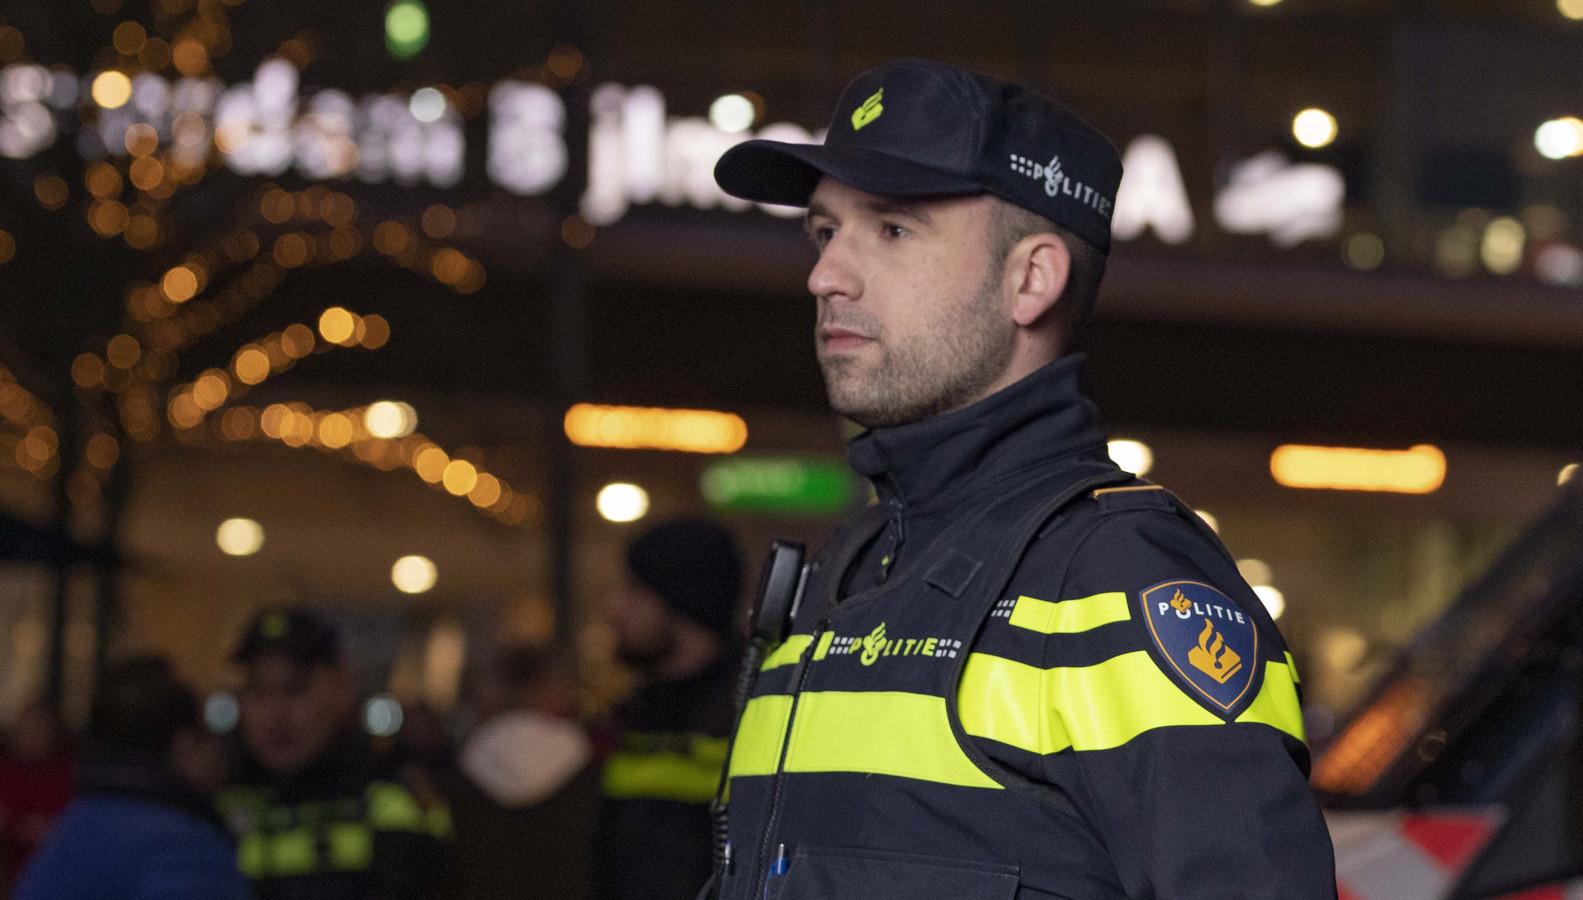 Leroy, surveillant bij de politie, eenheid Amsterdam.